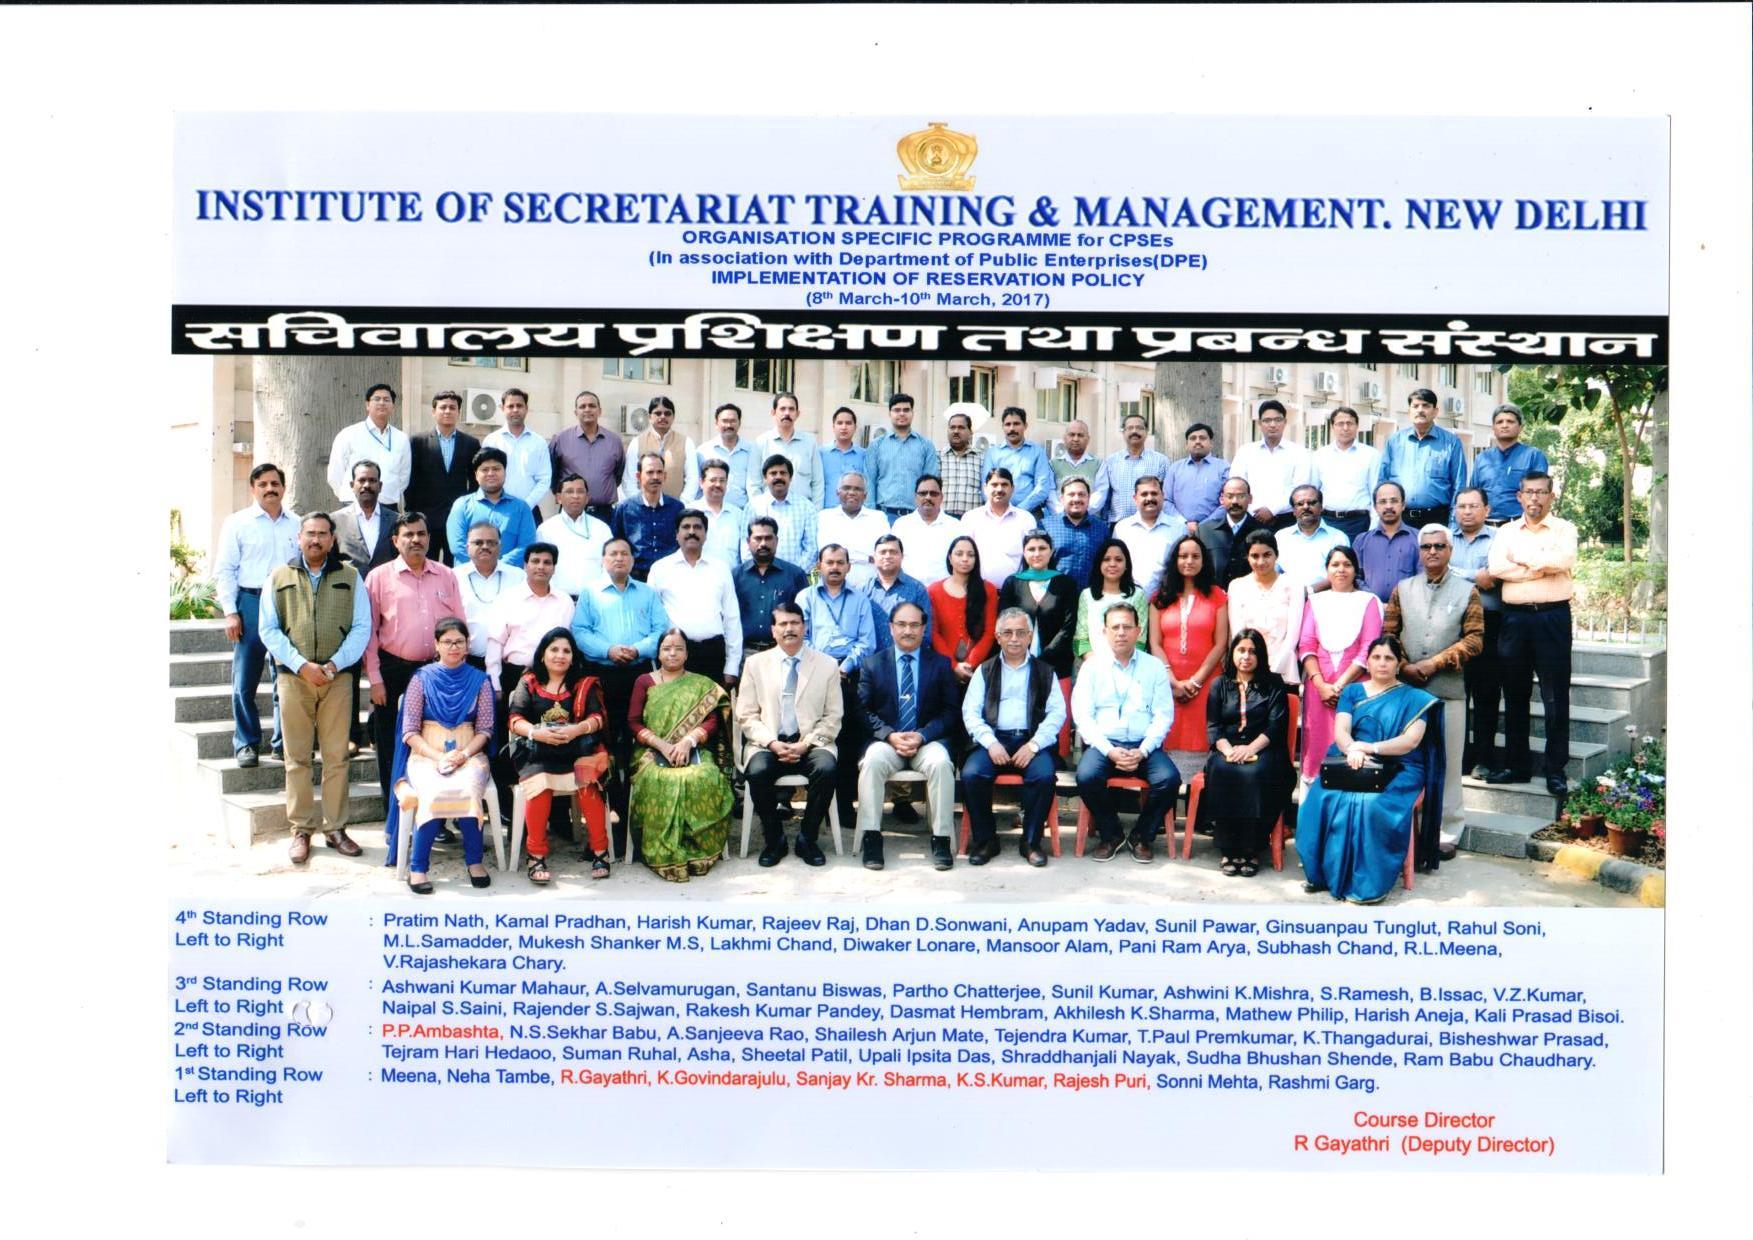 Institute of Secretariat Training & Management,New Delhi.